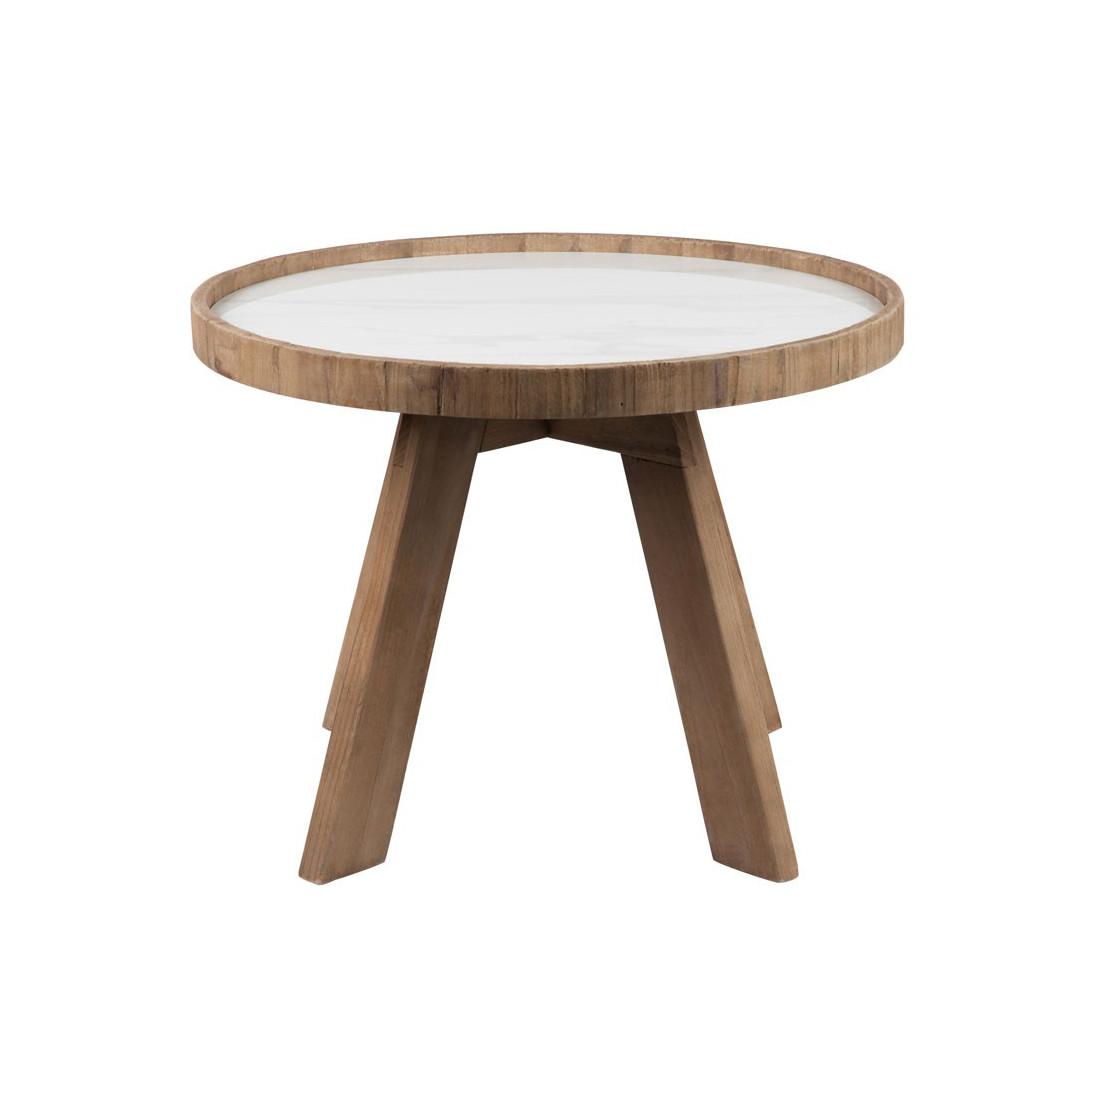 Sellette ronde bois et céramique MARBLE n u00b01 Univers Petits Meubles # Meuble Sellette Bois